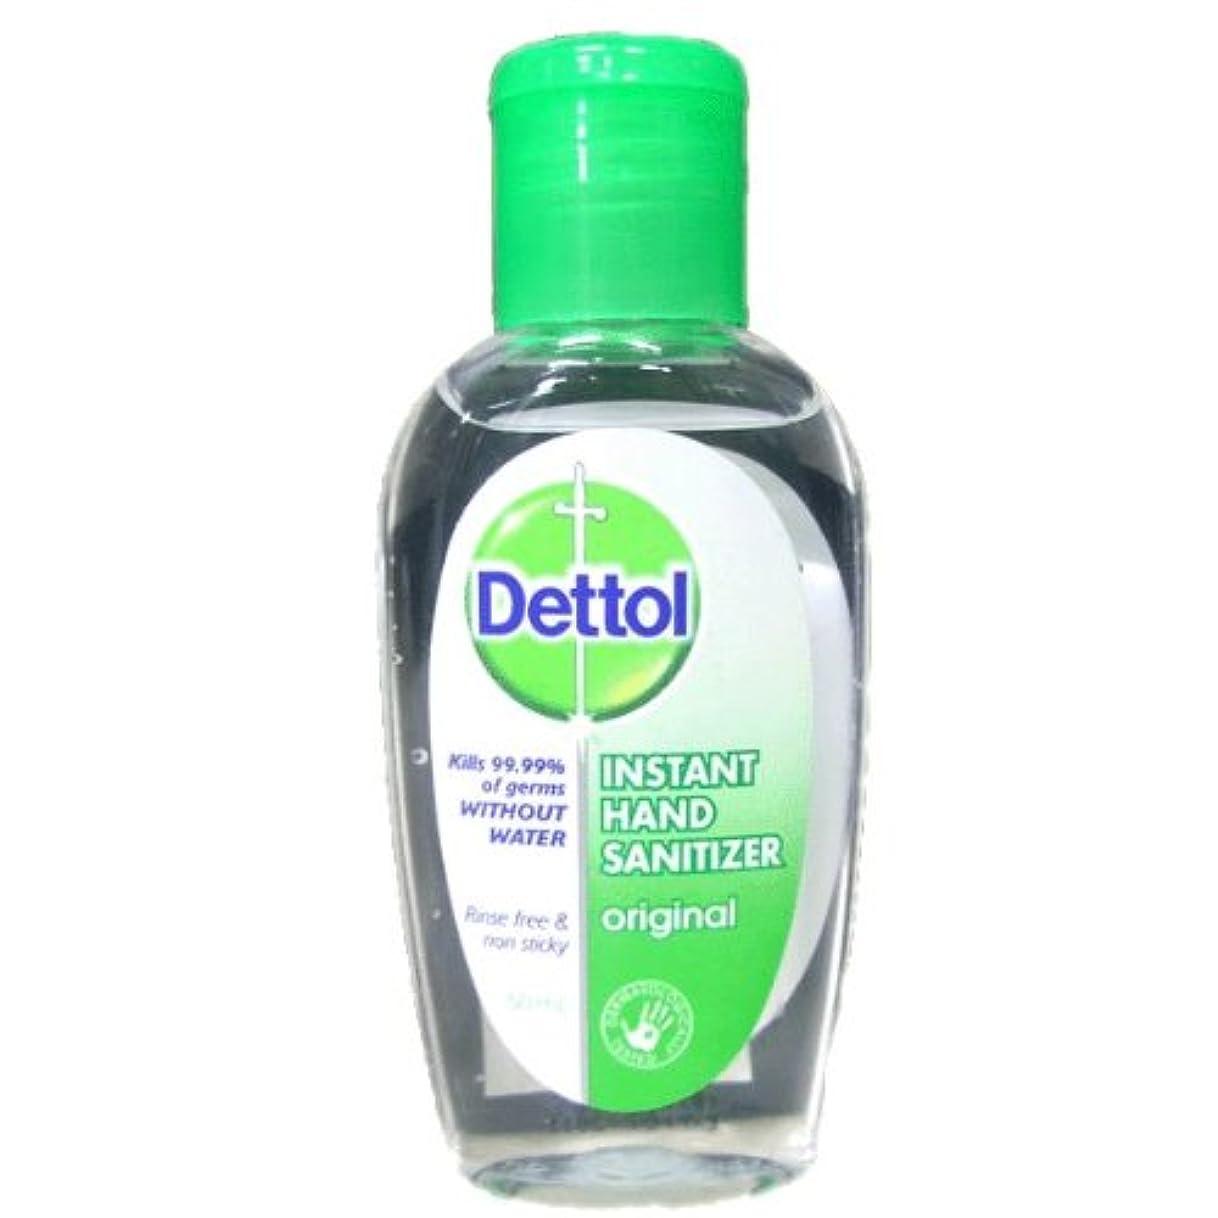 剛性請求リラックスしたDettol instant hand sanitizer